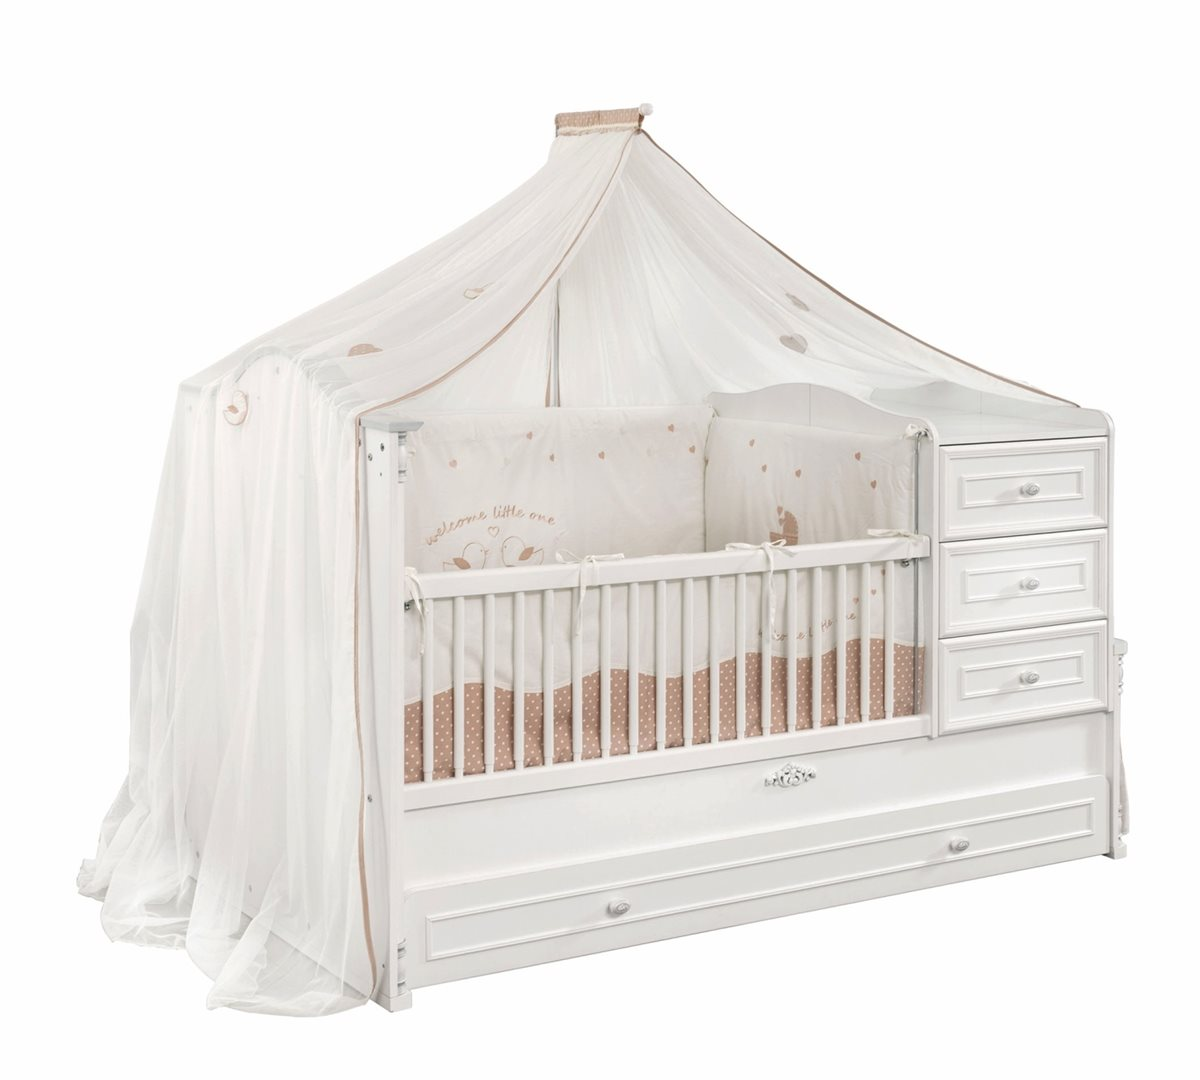 7er baby m bel zimmer babyromantic mit bettschubkasten und himmel. Black Bedroom Furniture Sets. Home Design Ideas